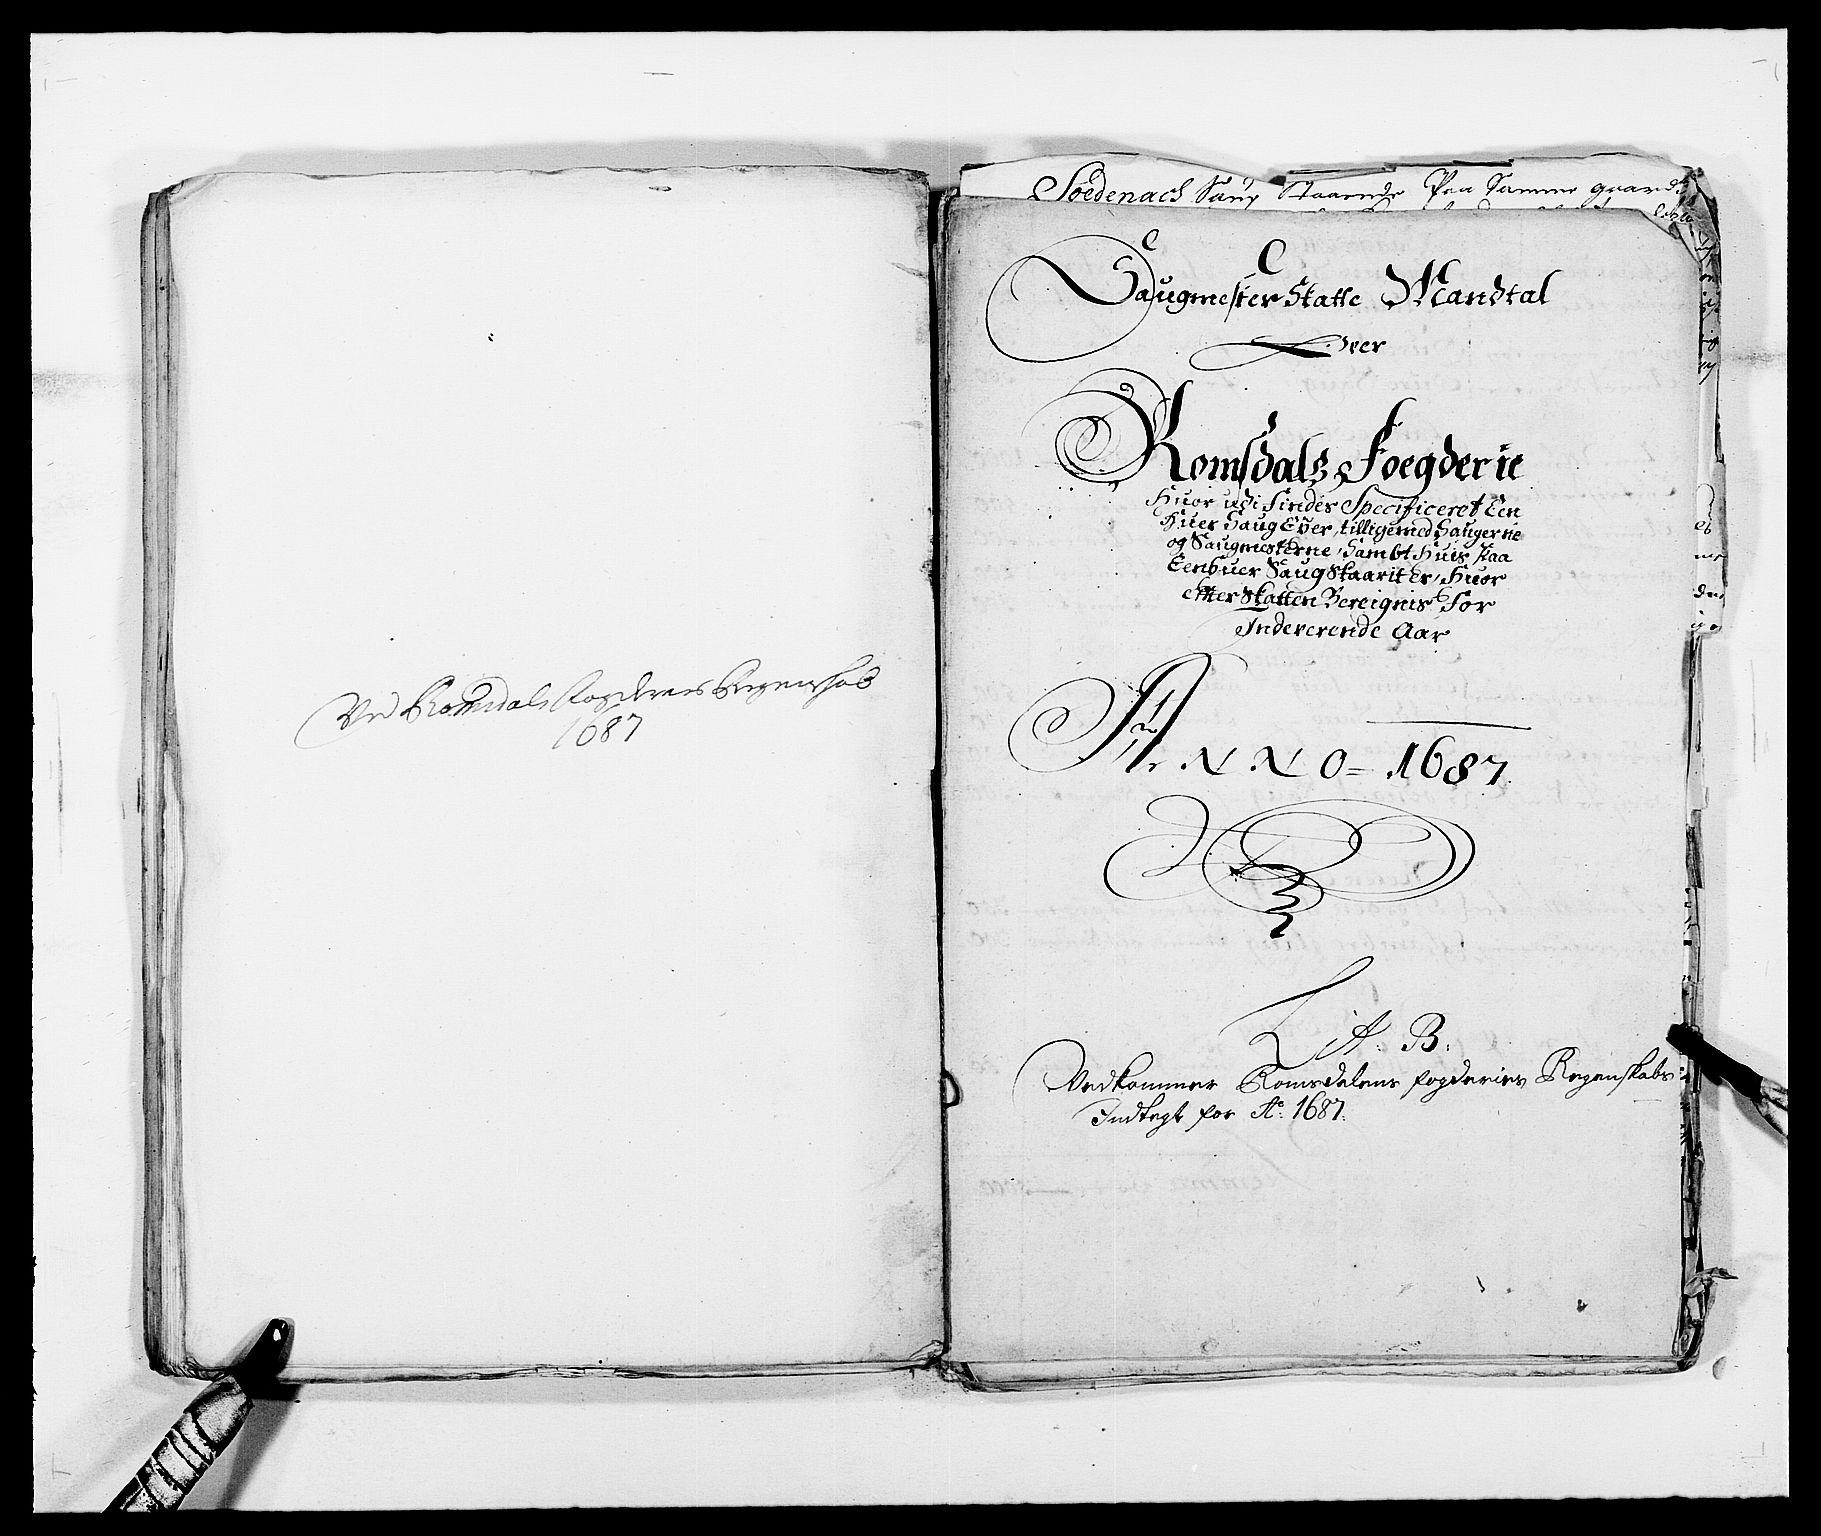 RA, Rentekammeret inntil 1814, Reviderte regnskaper, Fogderegnskap, R55/L3648: Fogderegnskap Romsdal, 1687-1689, s. 61